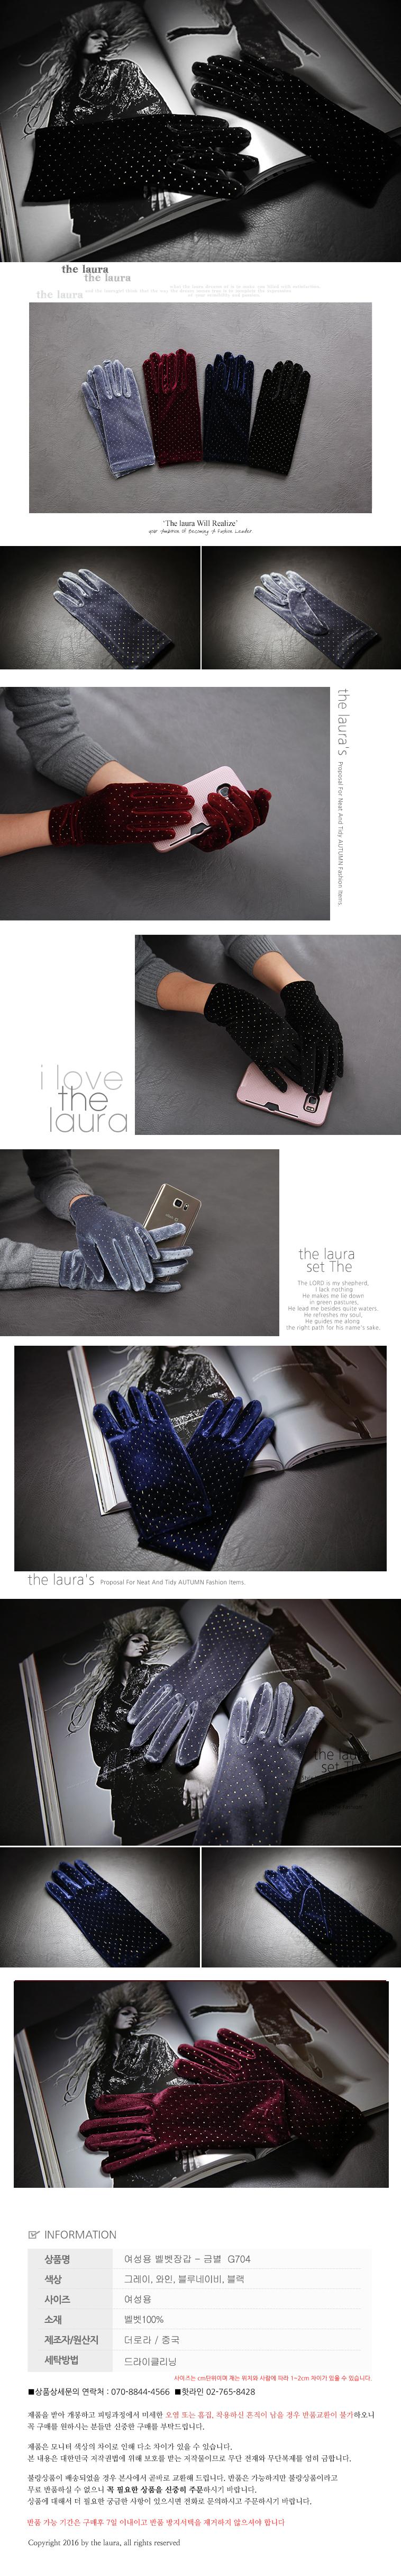 여성용 벨벳 장갑- 금별 G704 - 더 로라, 6,750원, 장갑, 스마트폰장갑